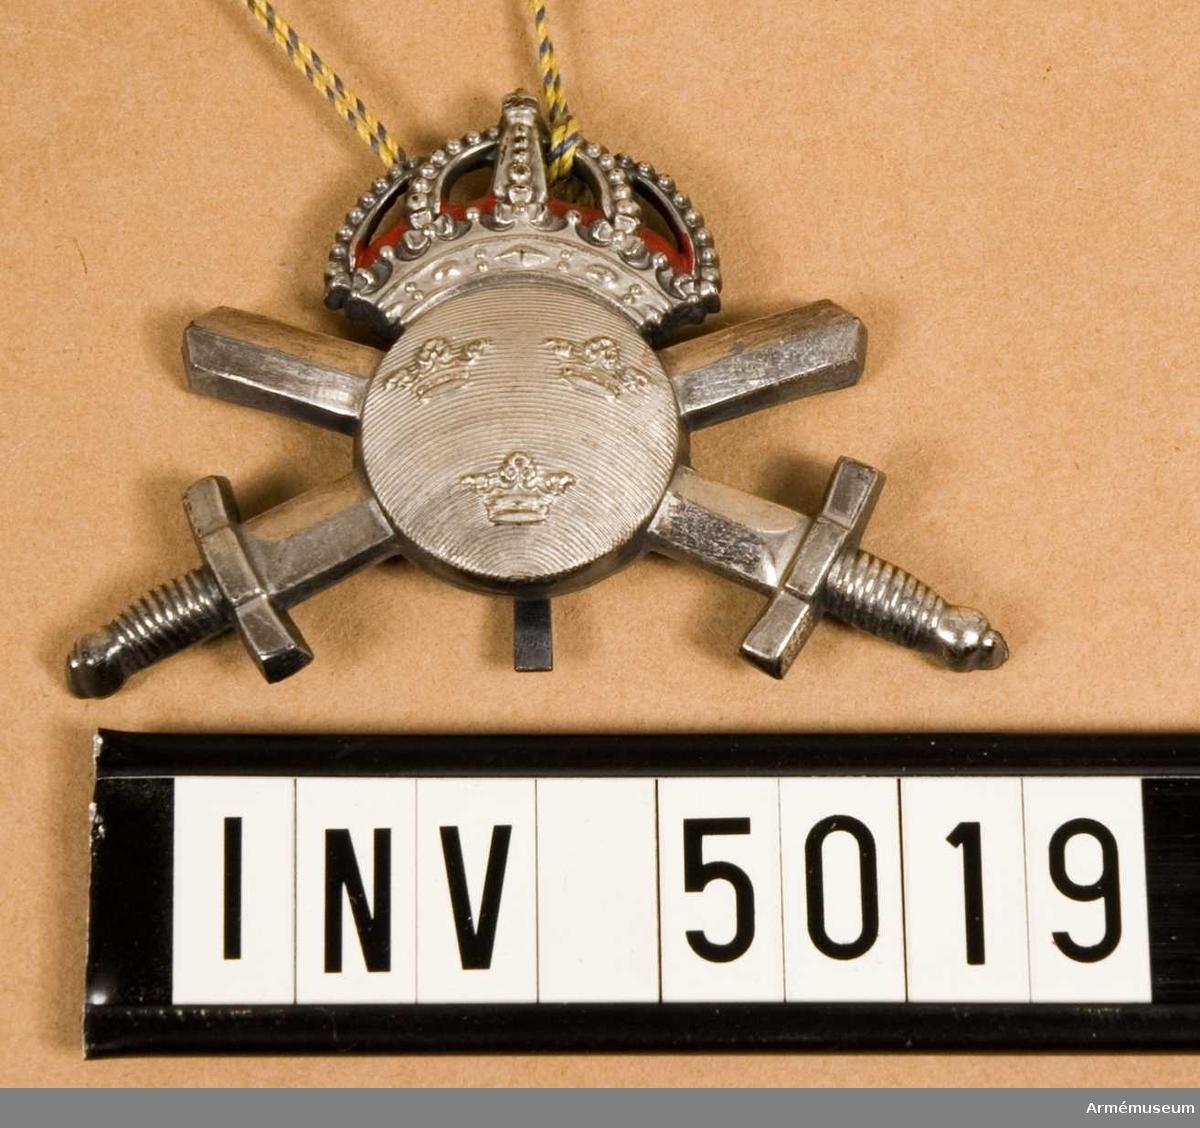 Ubfl. I 1, I 4, K 1, P 1, trängtrupper. Tillverkat av metall och för ovanstående förband i silverfärg. Utgöres av två korslagda svärd, rödfodrad krona samt knapp m/1939-60 i guldfärg.